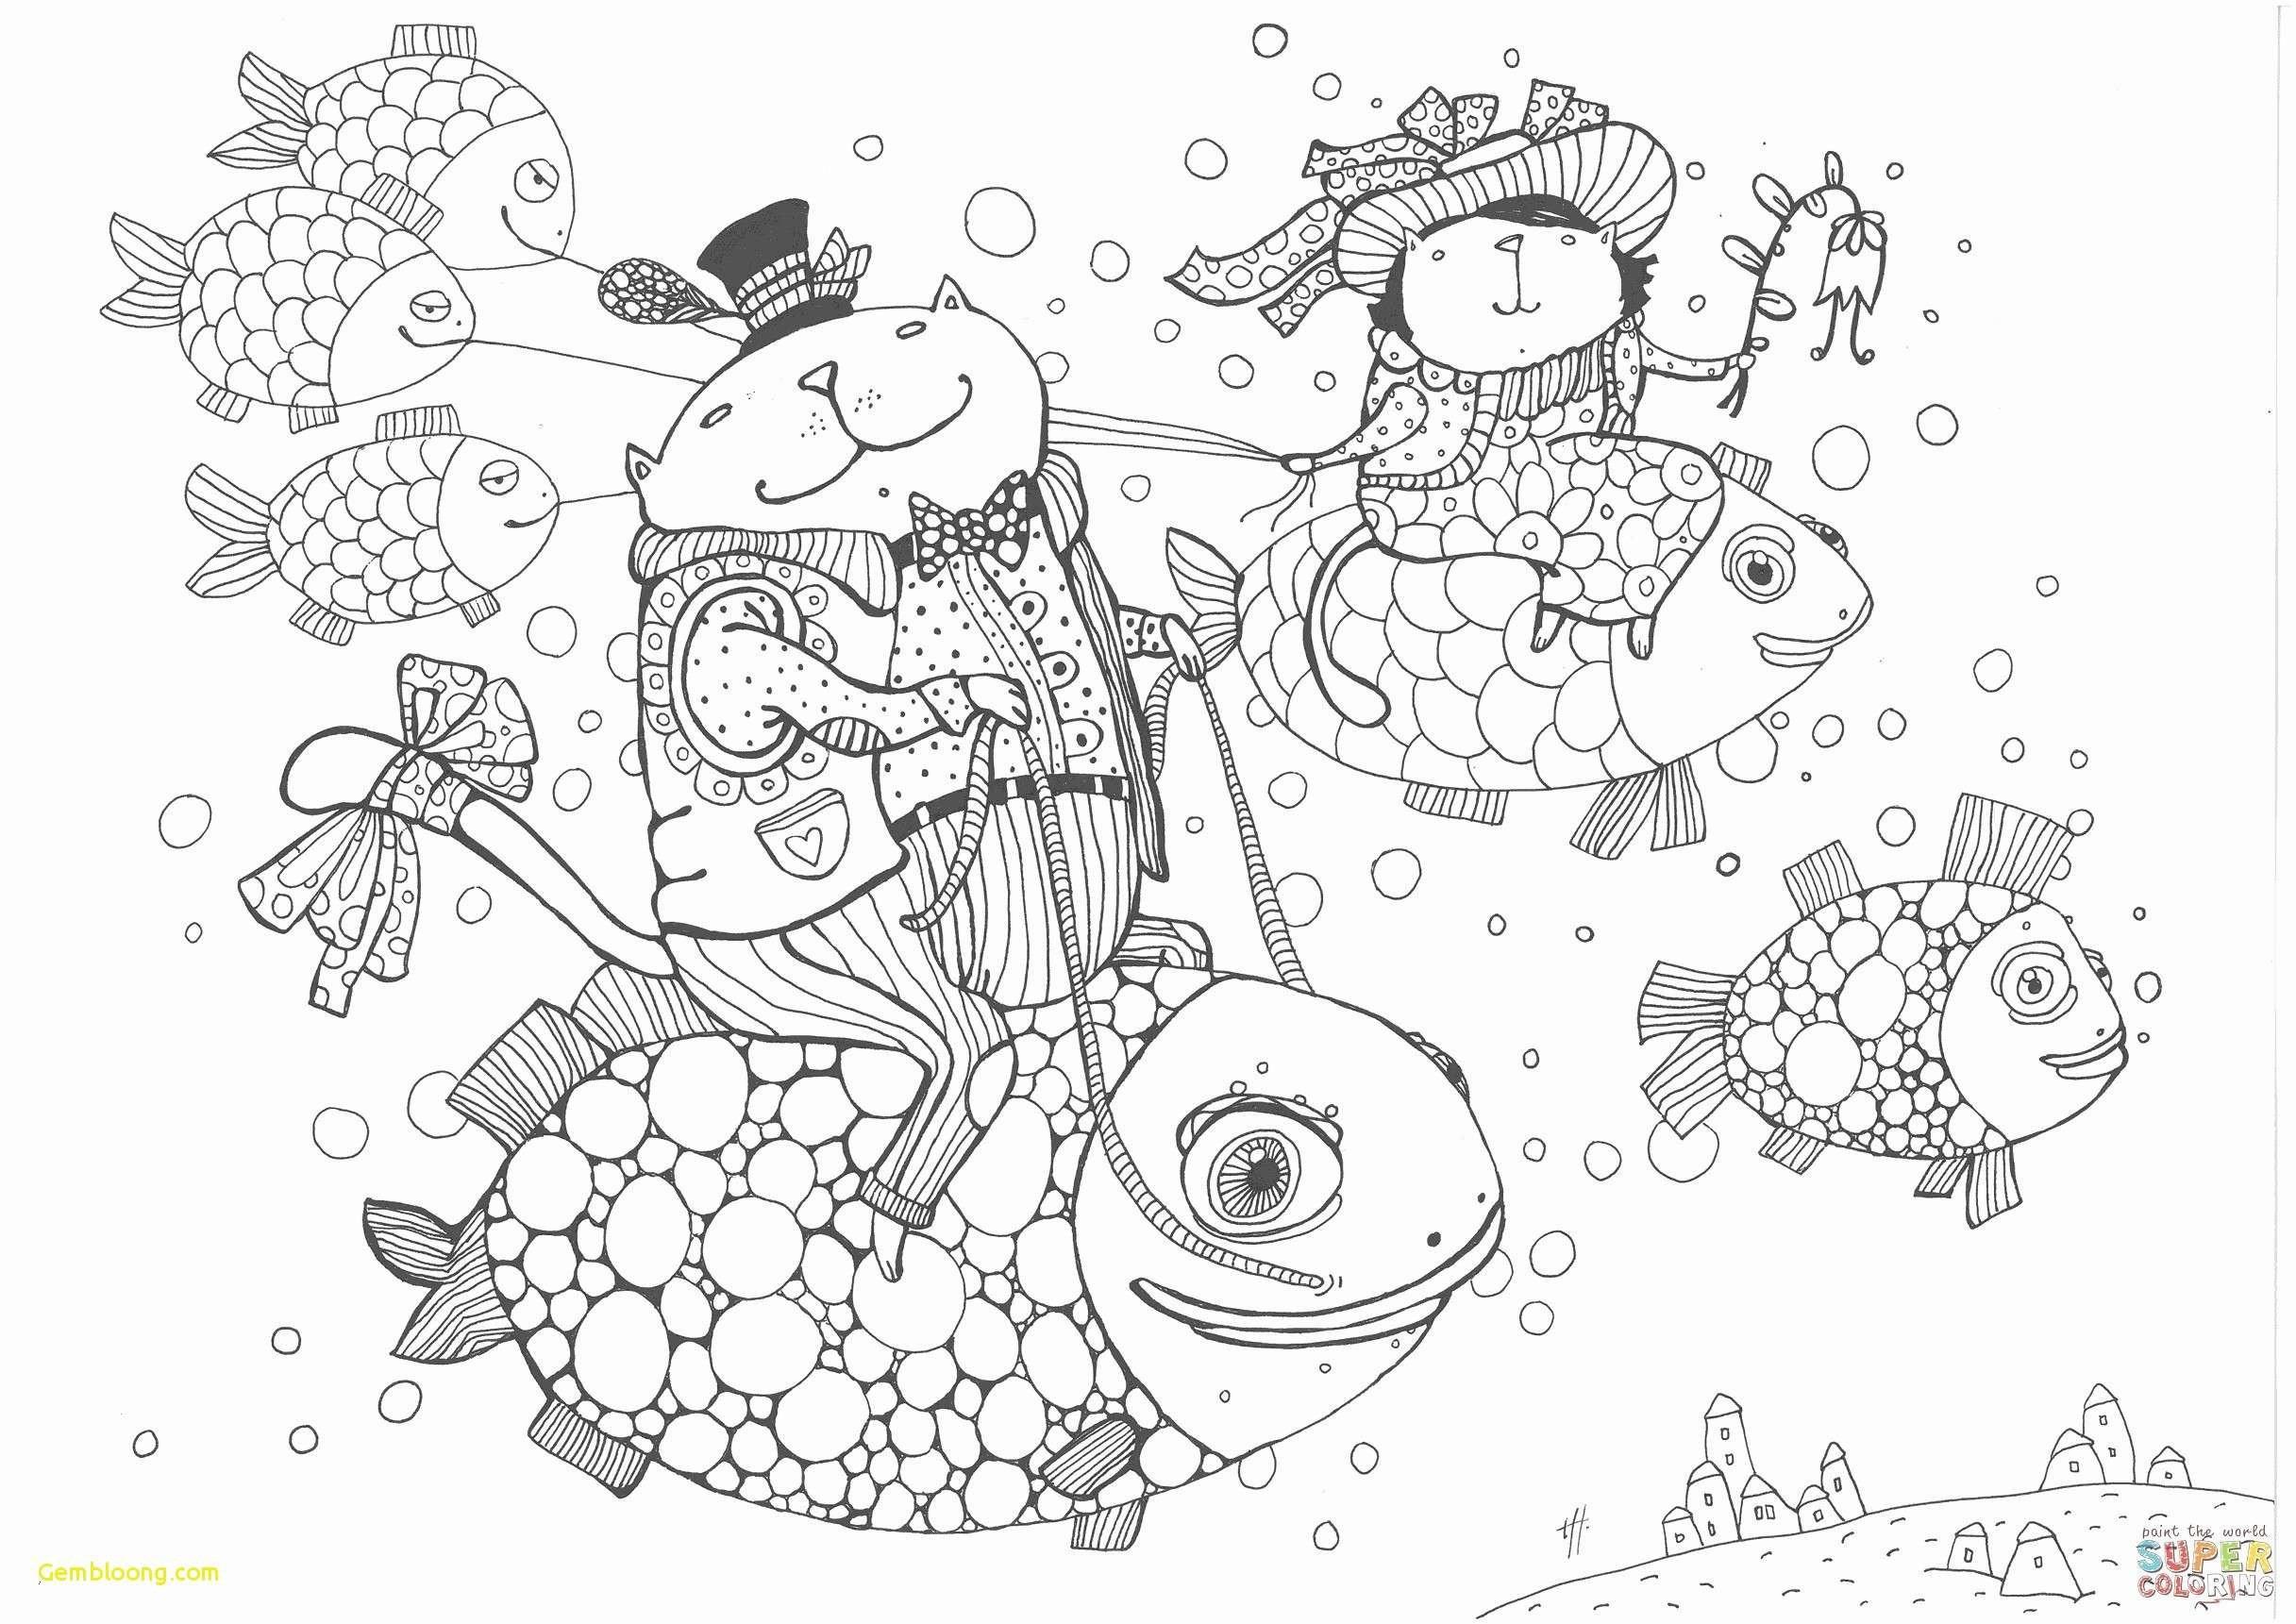 Ausmalbilder Ben 10 Das Beste Von Konabeun Zum Ausdrucken Ausmalbilder toy Story Luxus toy Story Bilder